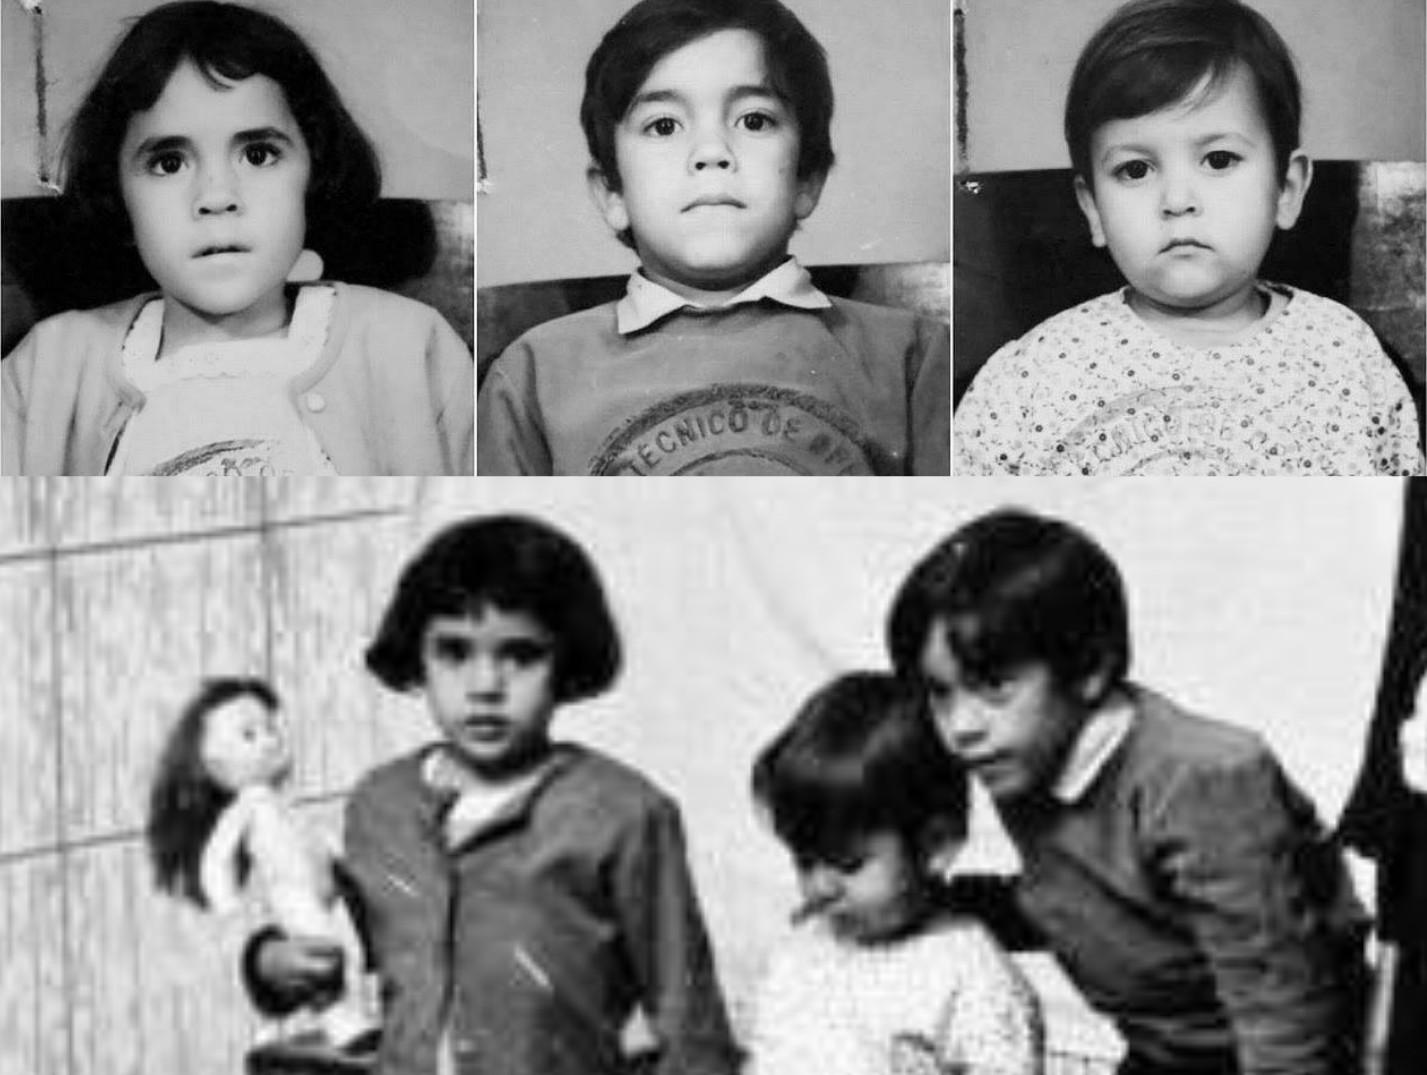 Crianças da Tortura